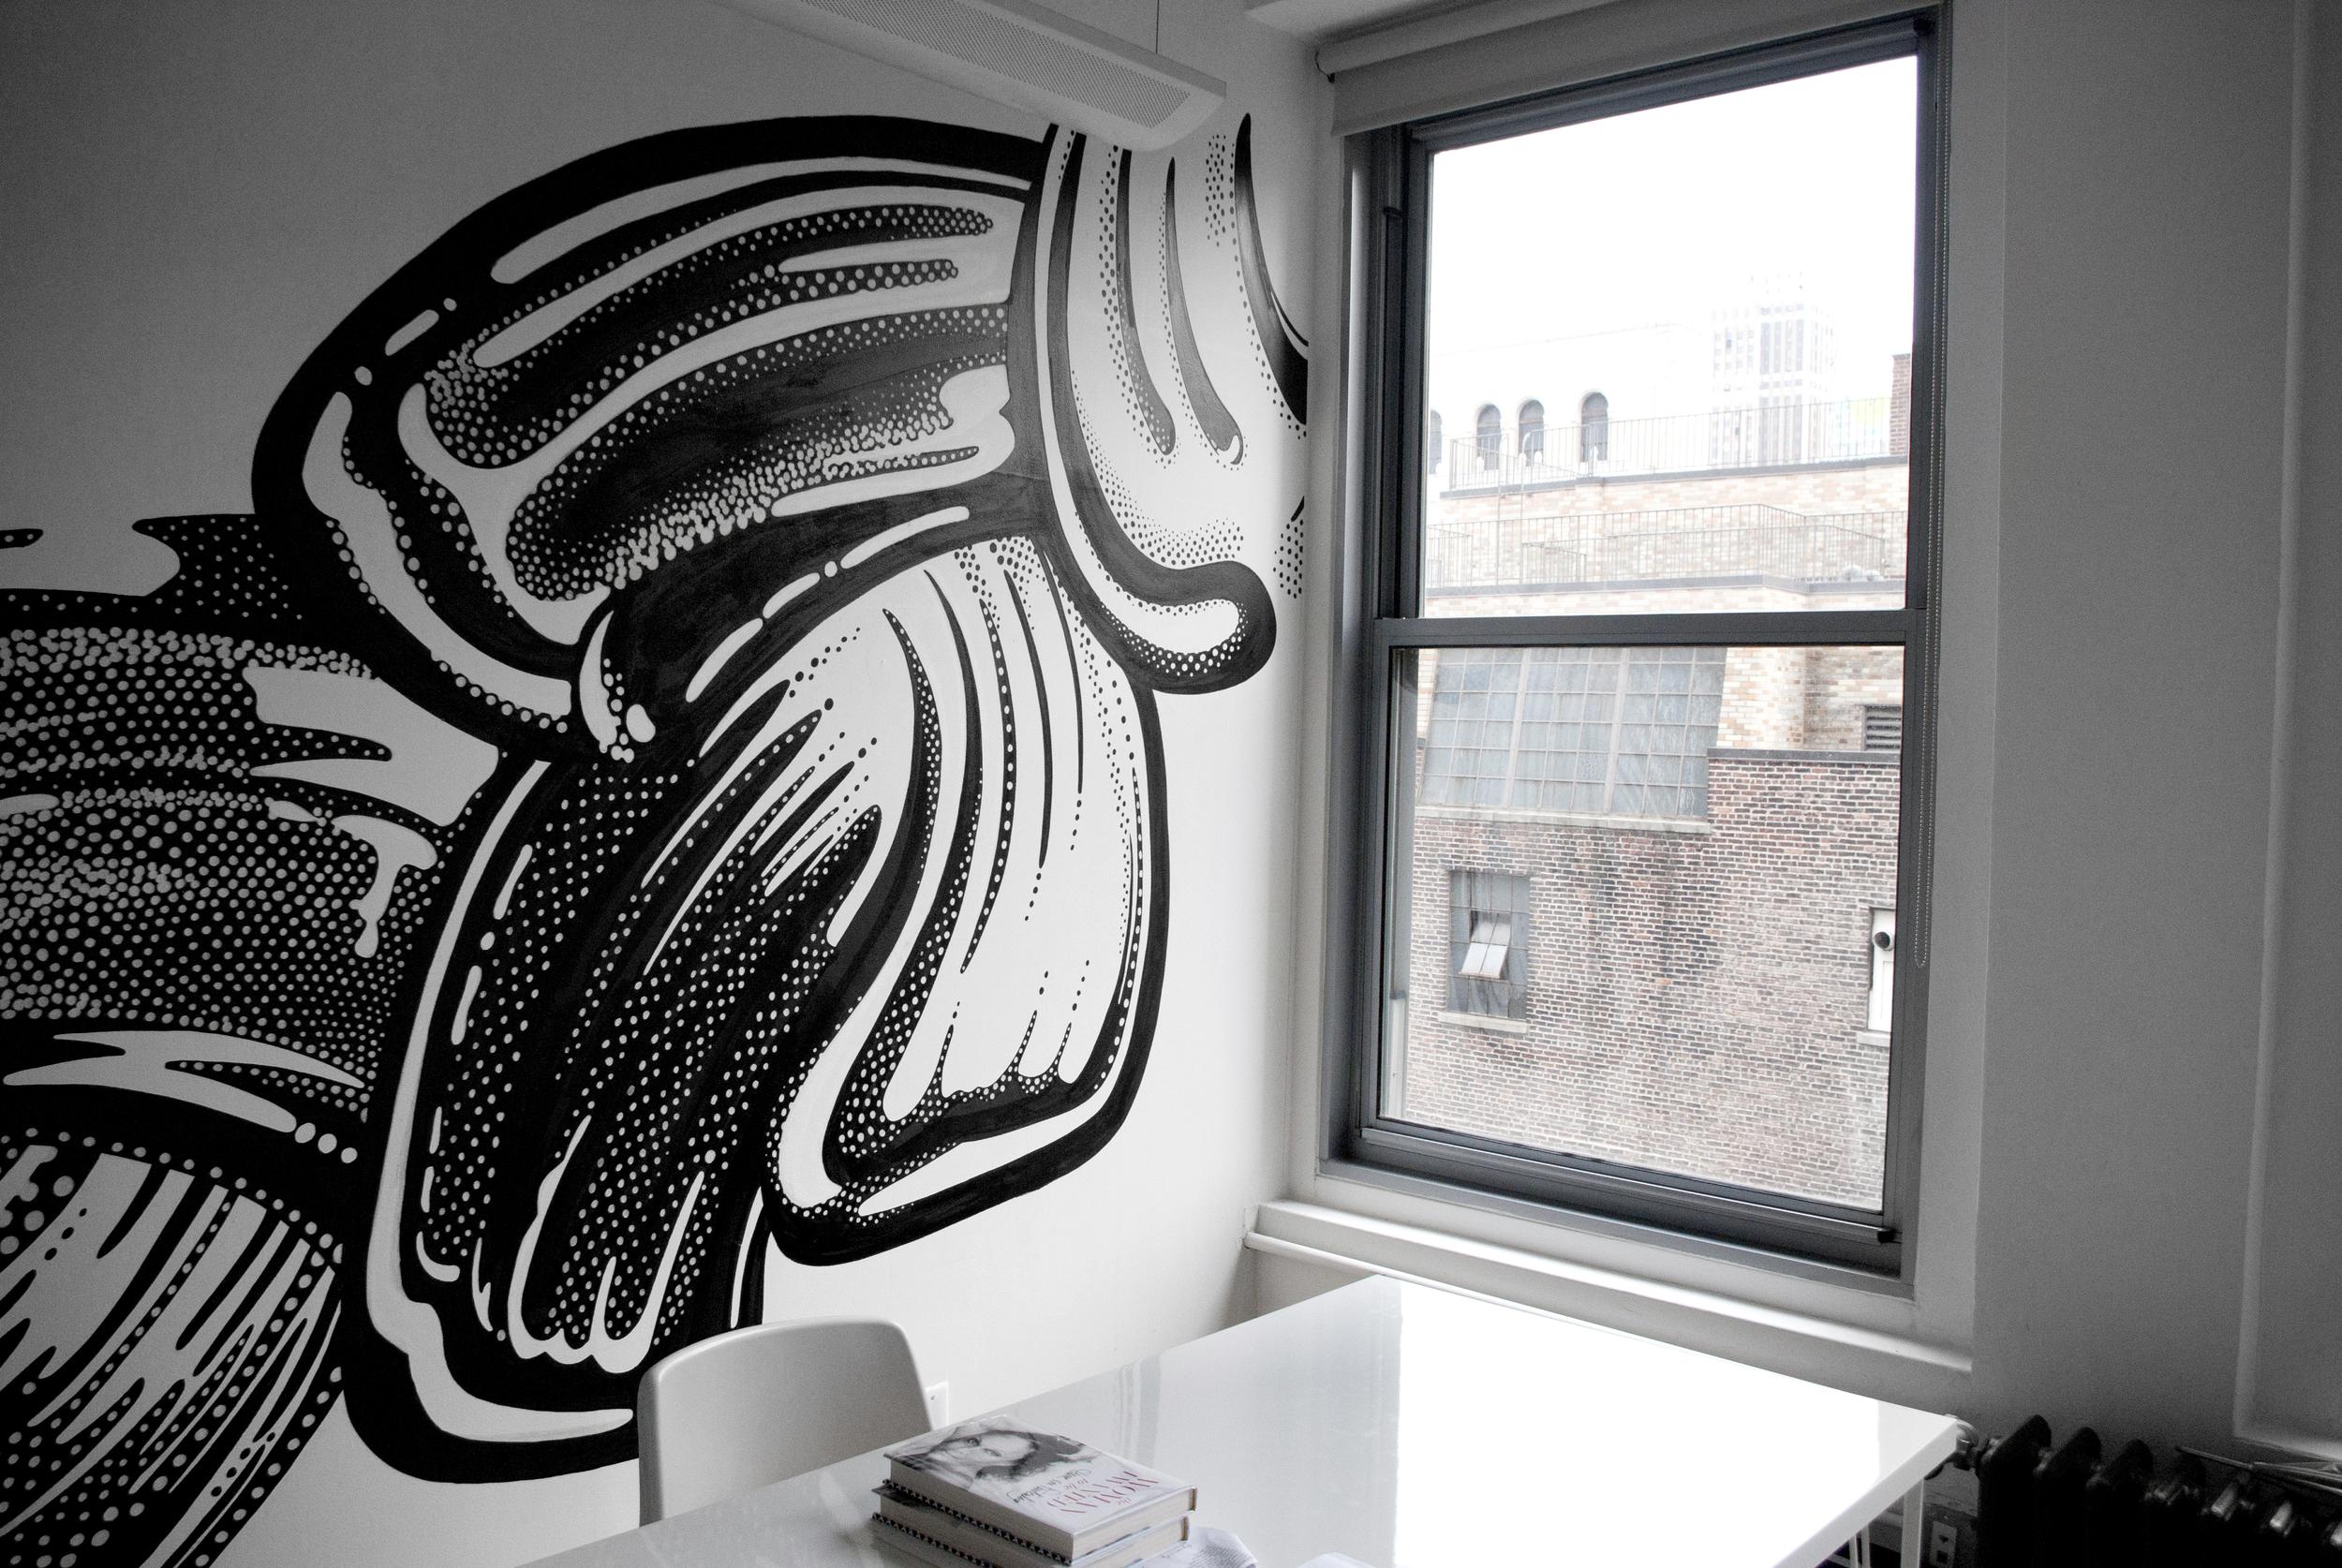 amandine delaunay claire-lise bengué fresque bureau illustration cosmétique gloss vernis beauty lab new york manhattan